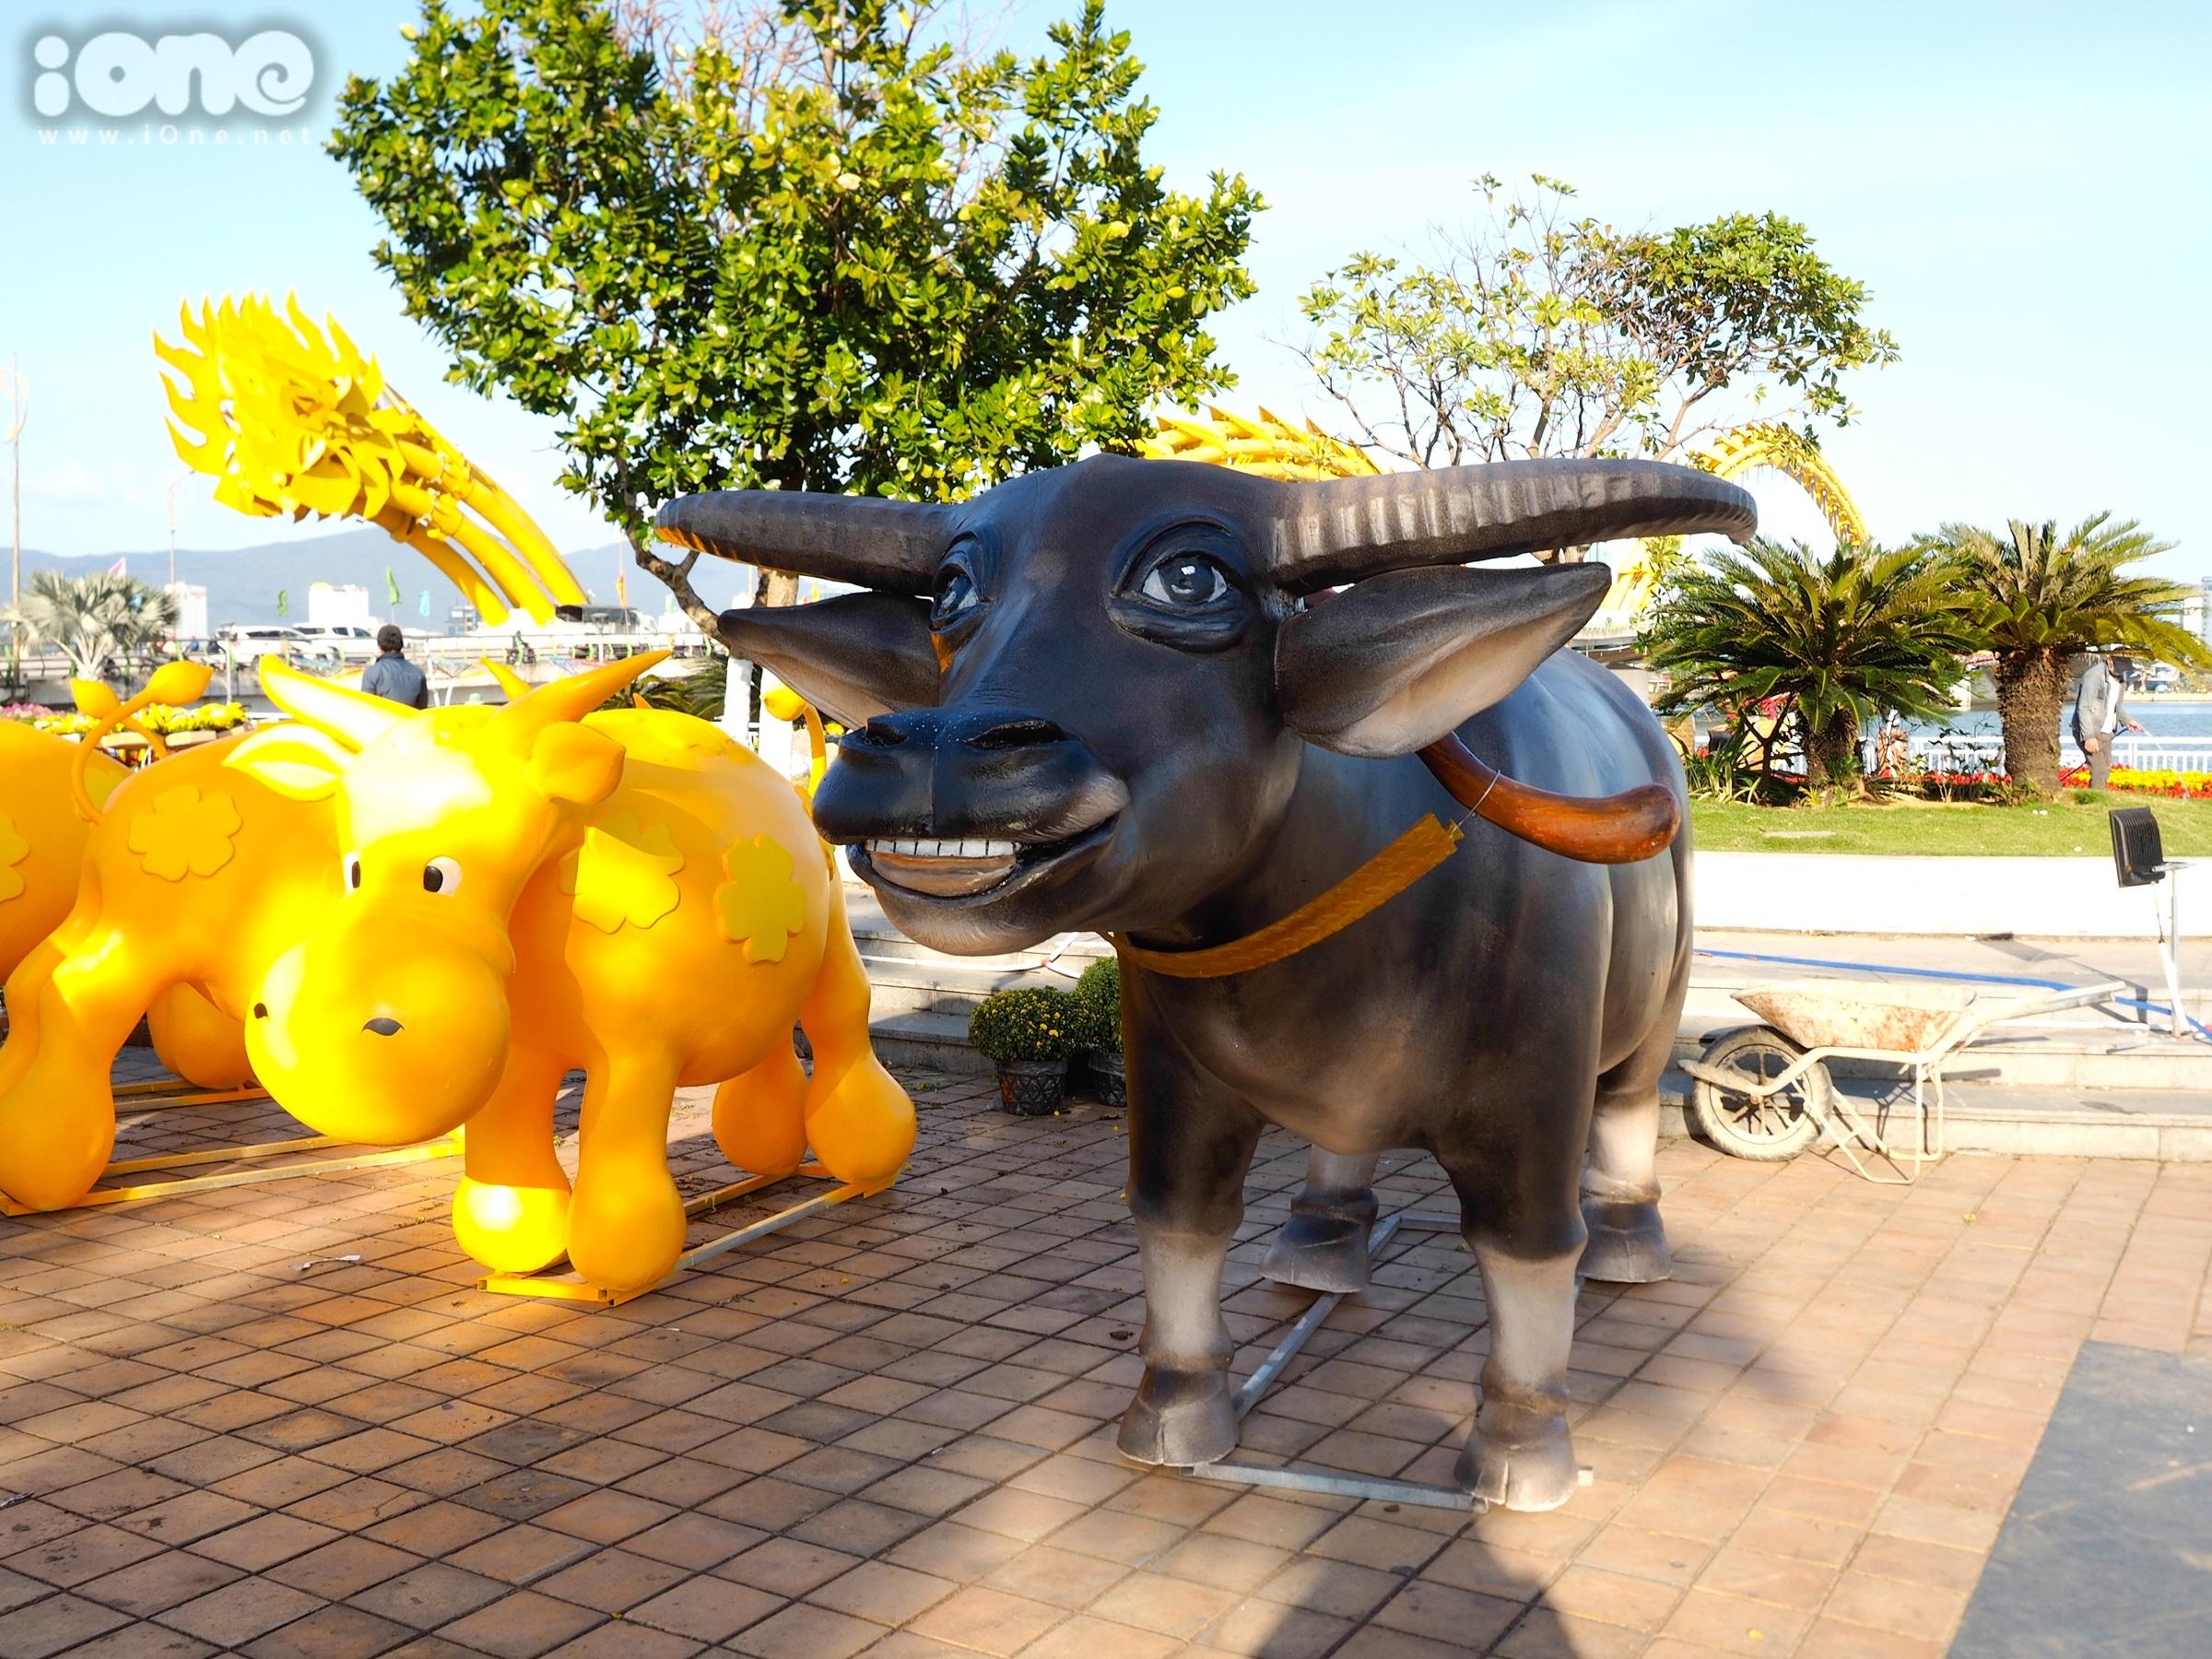 Đường hoa 12 tỷ đồng với nhiều tiểu cảnh hoàng tráng ở Đà Nẵng - 12